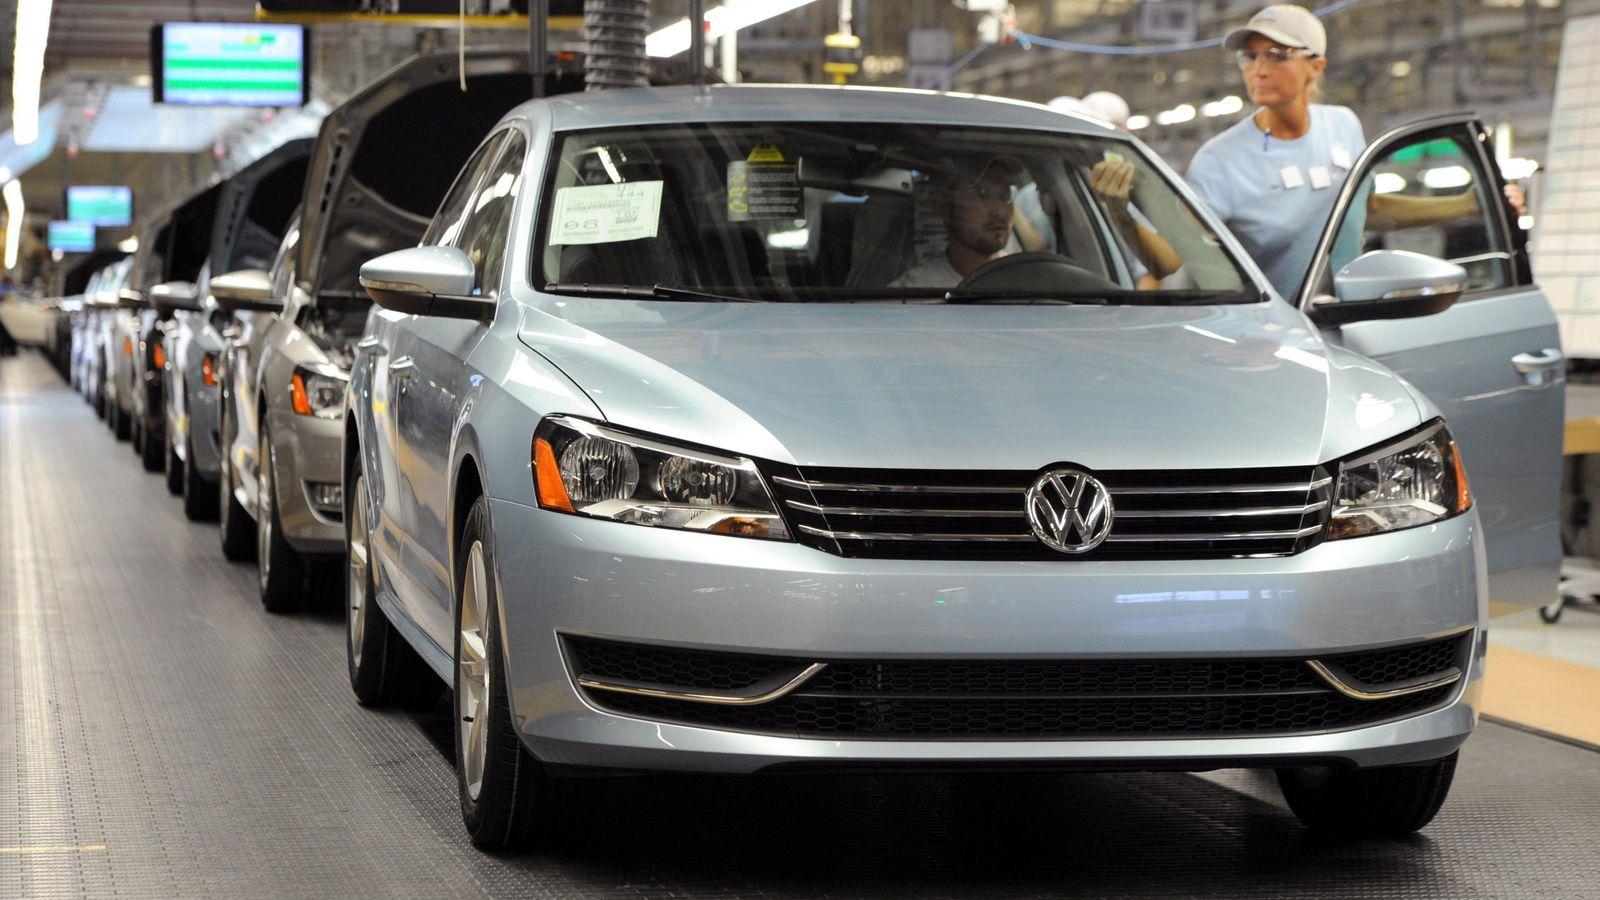 Foto: Interior de una fábrica de Volkswagen, el mayor fabricante automovilístico del mundo. (Efe)